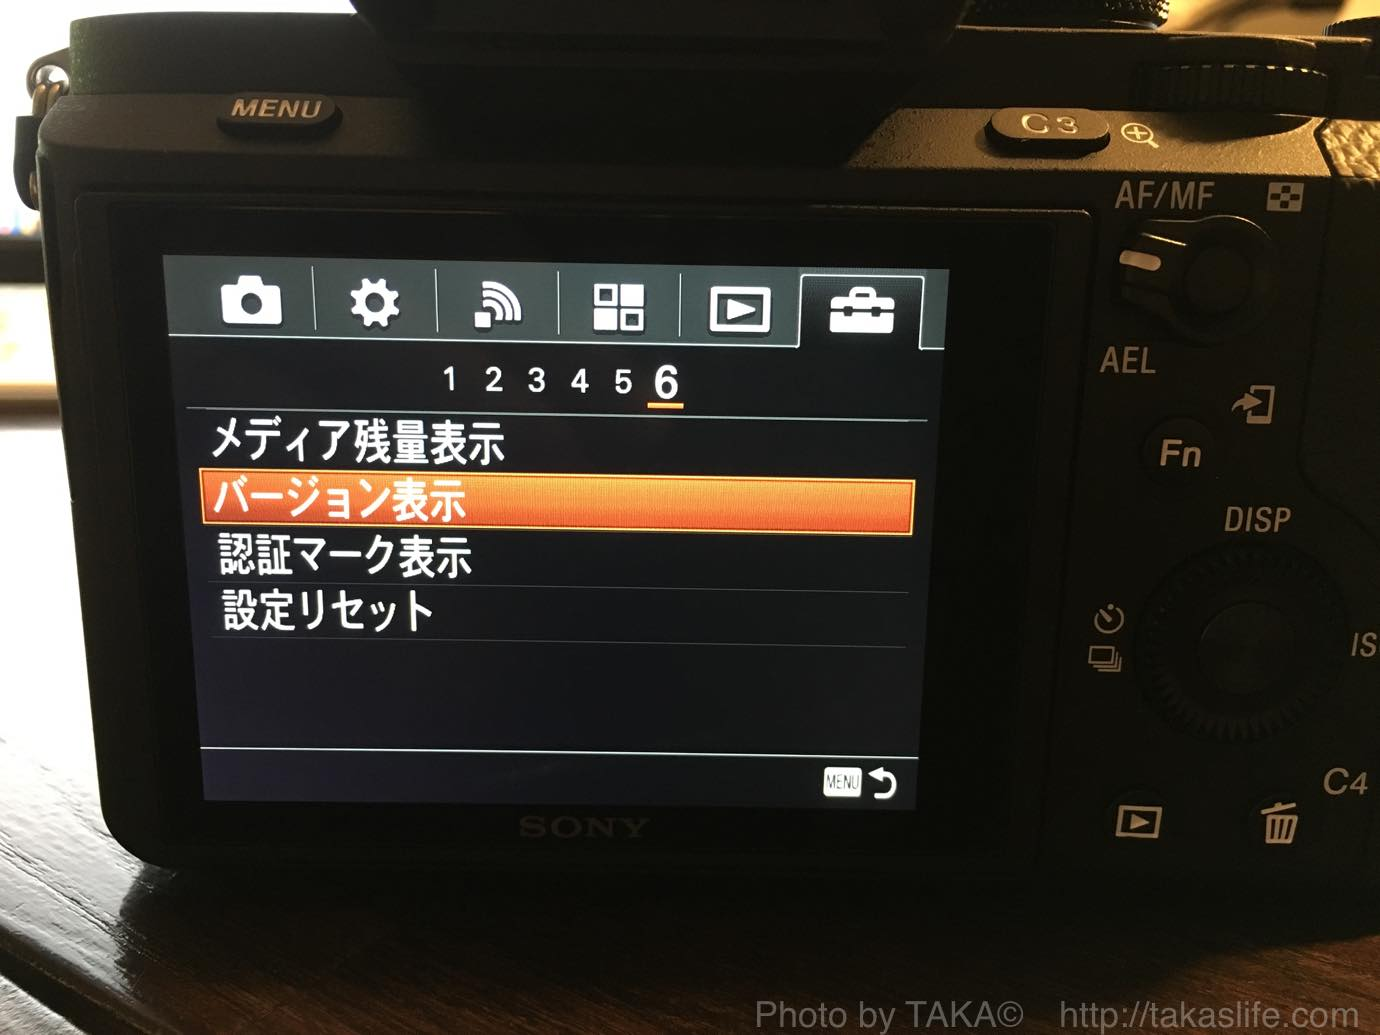 7m2 update 12 20160305 105131